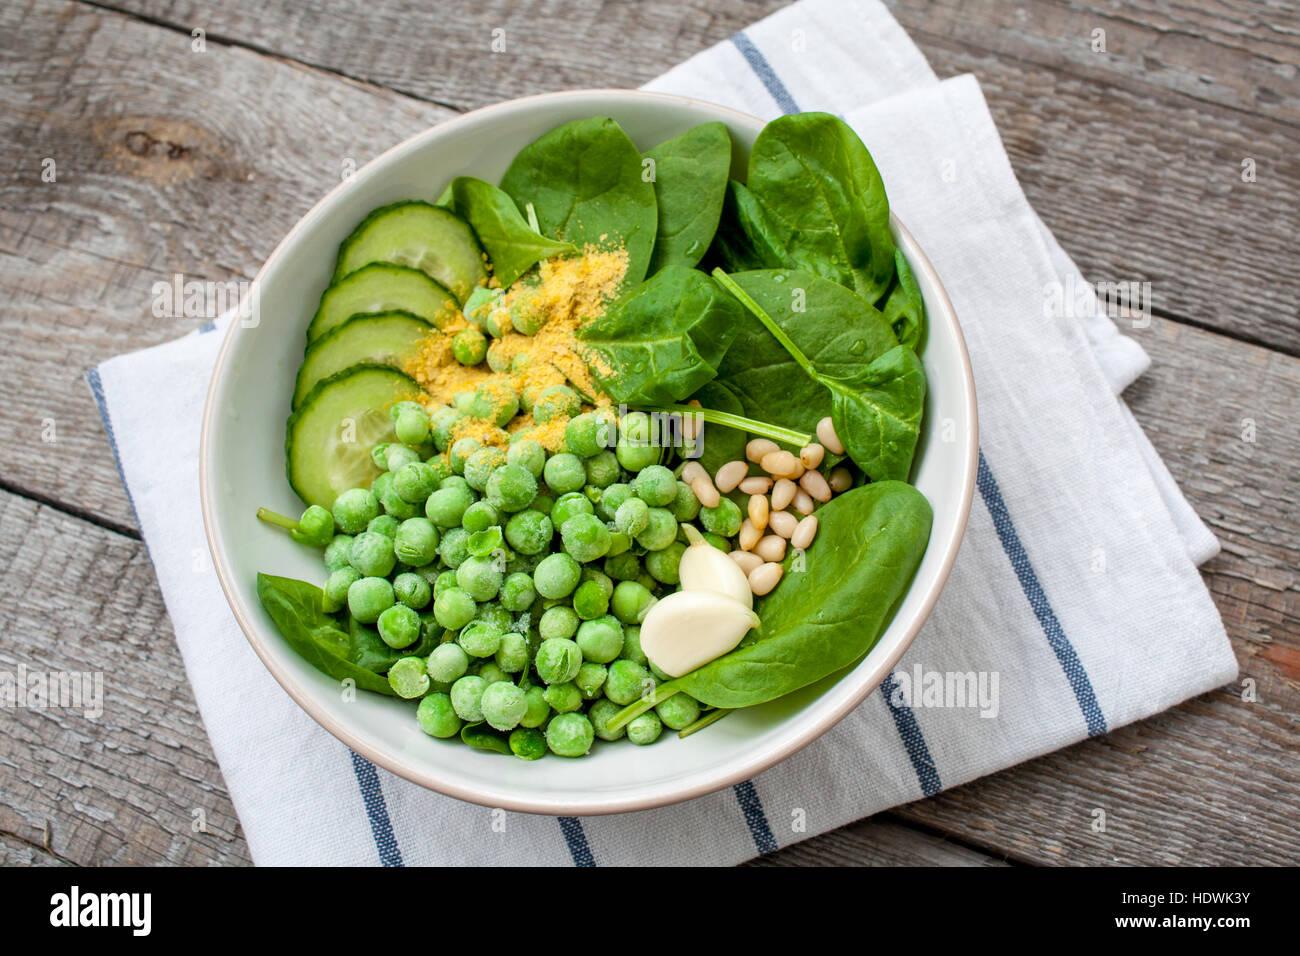 Ingrédients pour les pois verts épinards pesto de basilic dans un bol blanc sur un fond de bois. L'amour Photo Stock